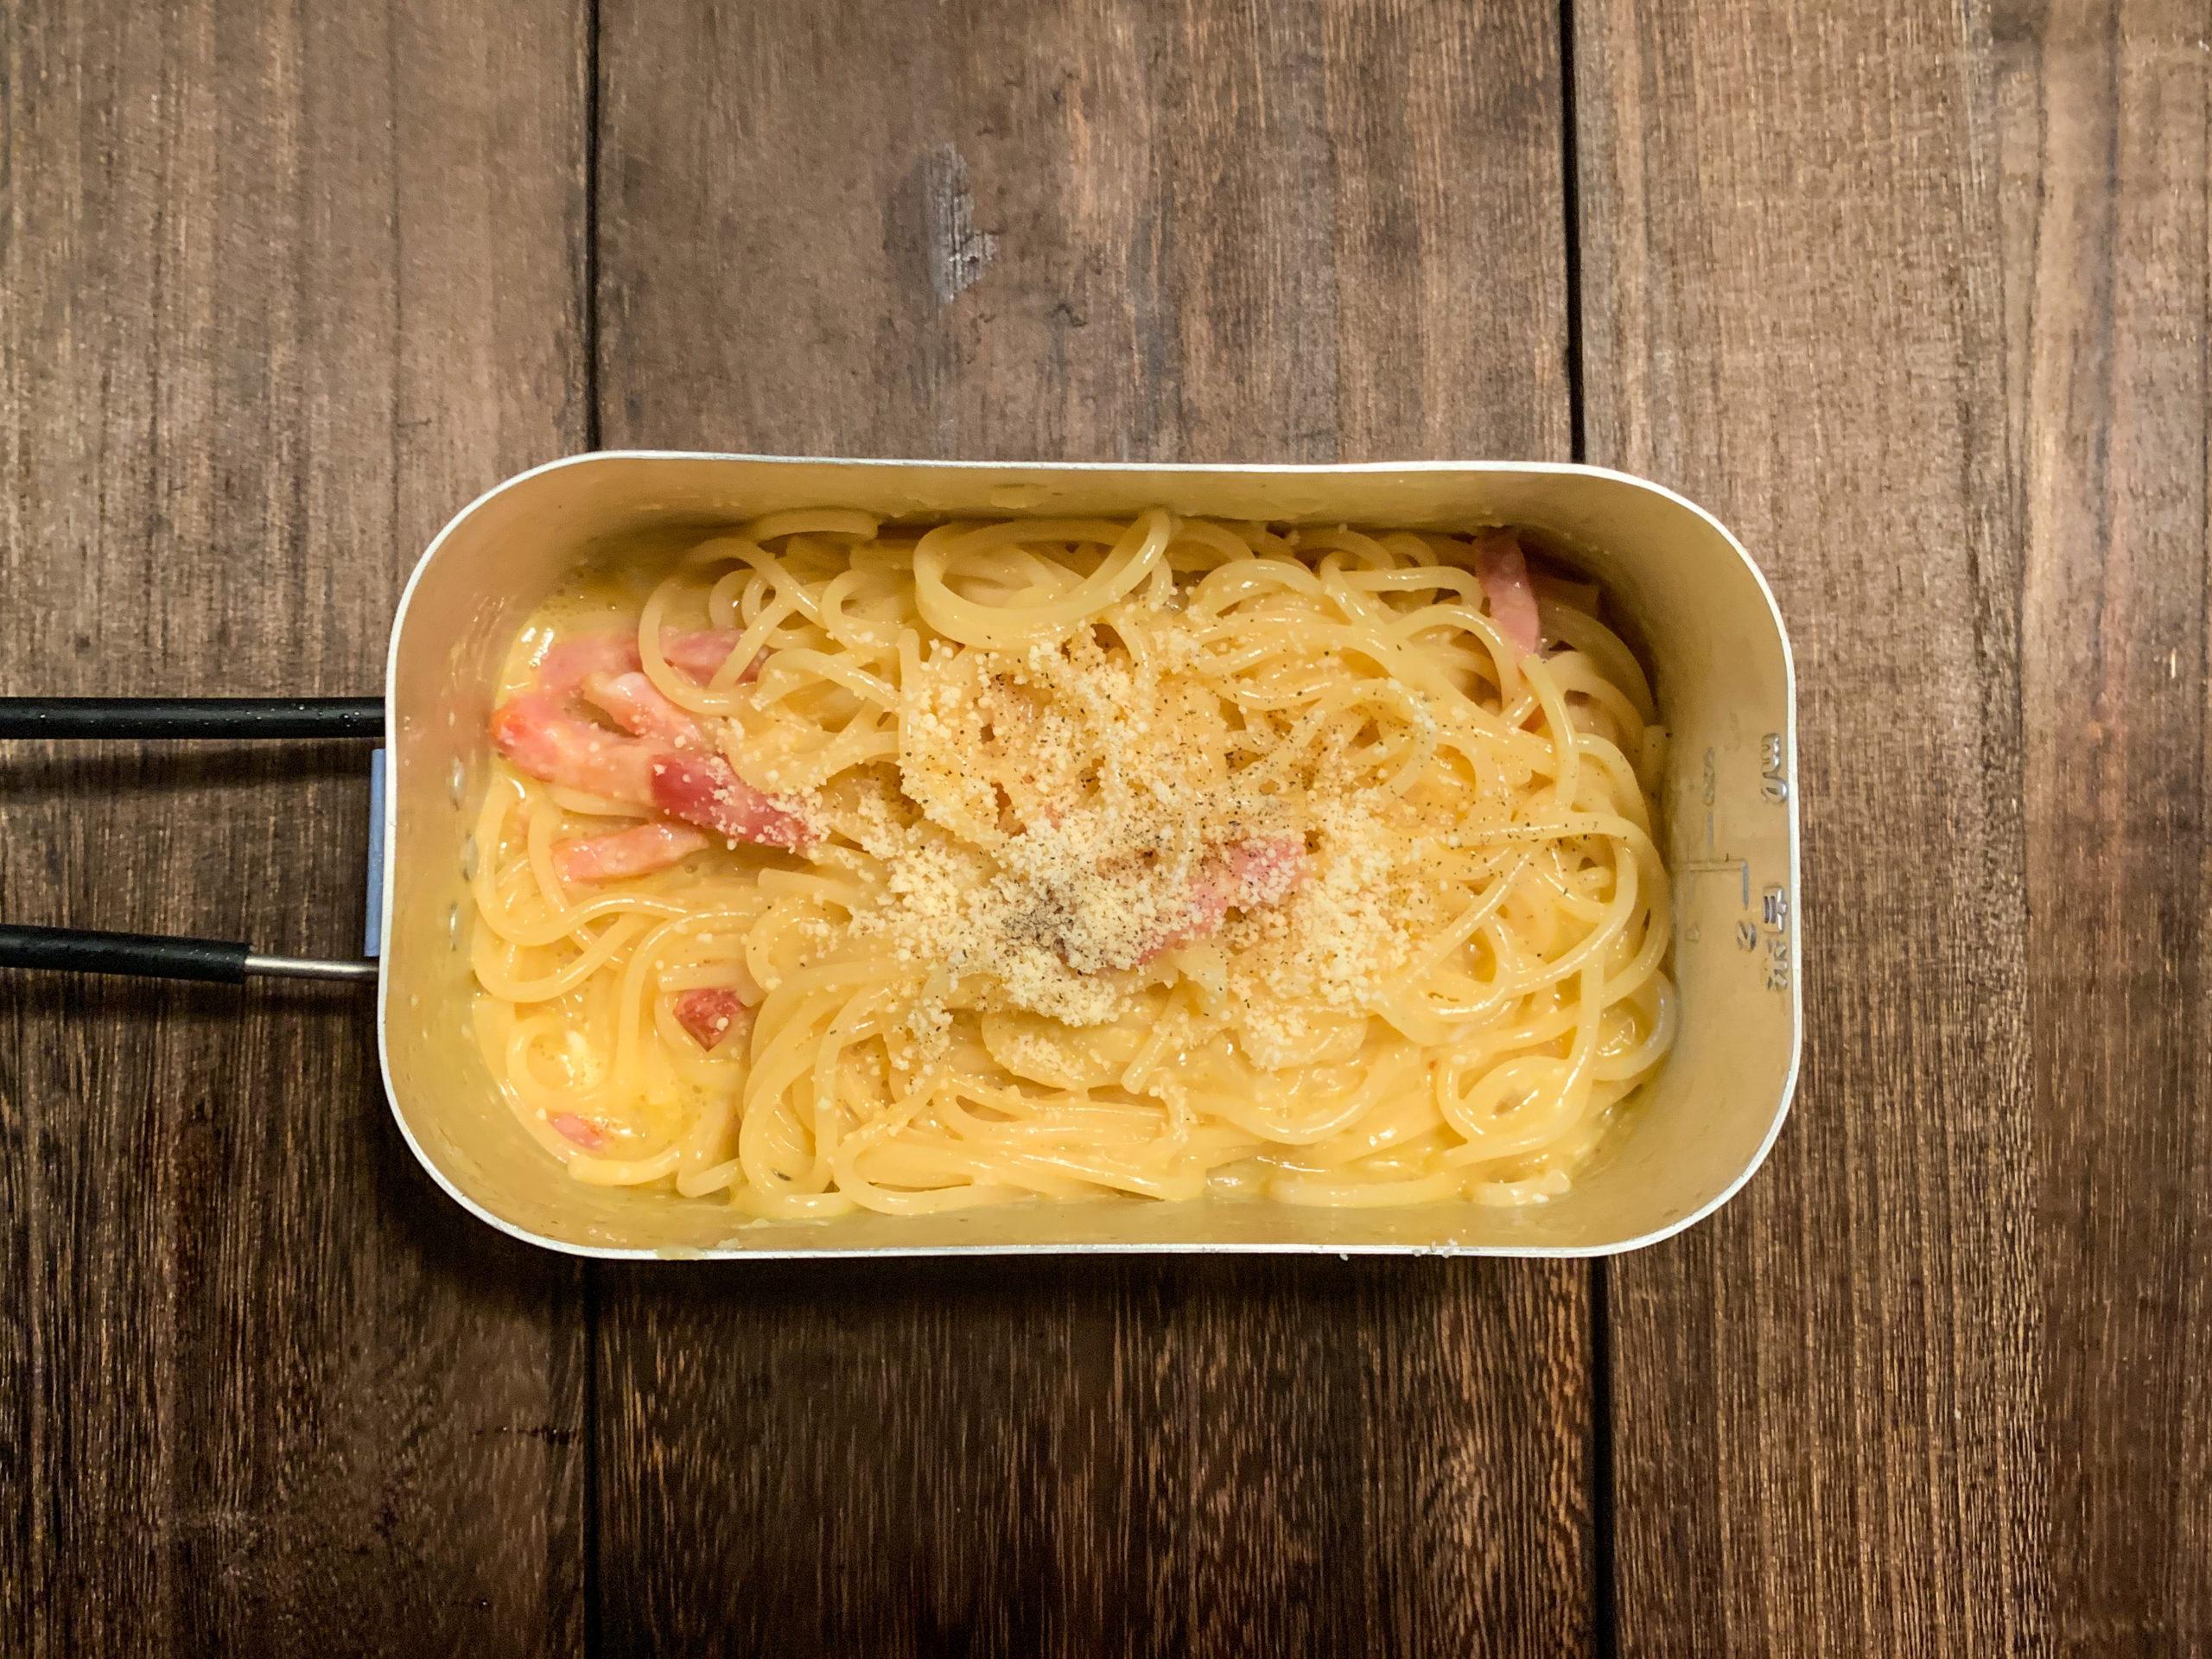 【水漬けパスタ】メスティン1つでサ○ゼリヤ風、絶品カルボナーラの作り方!